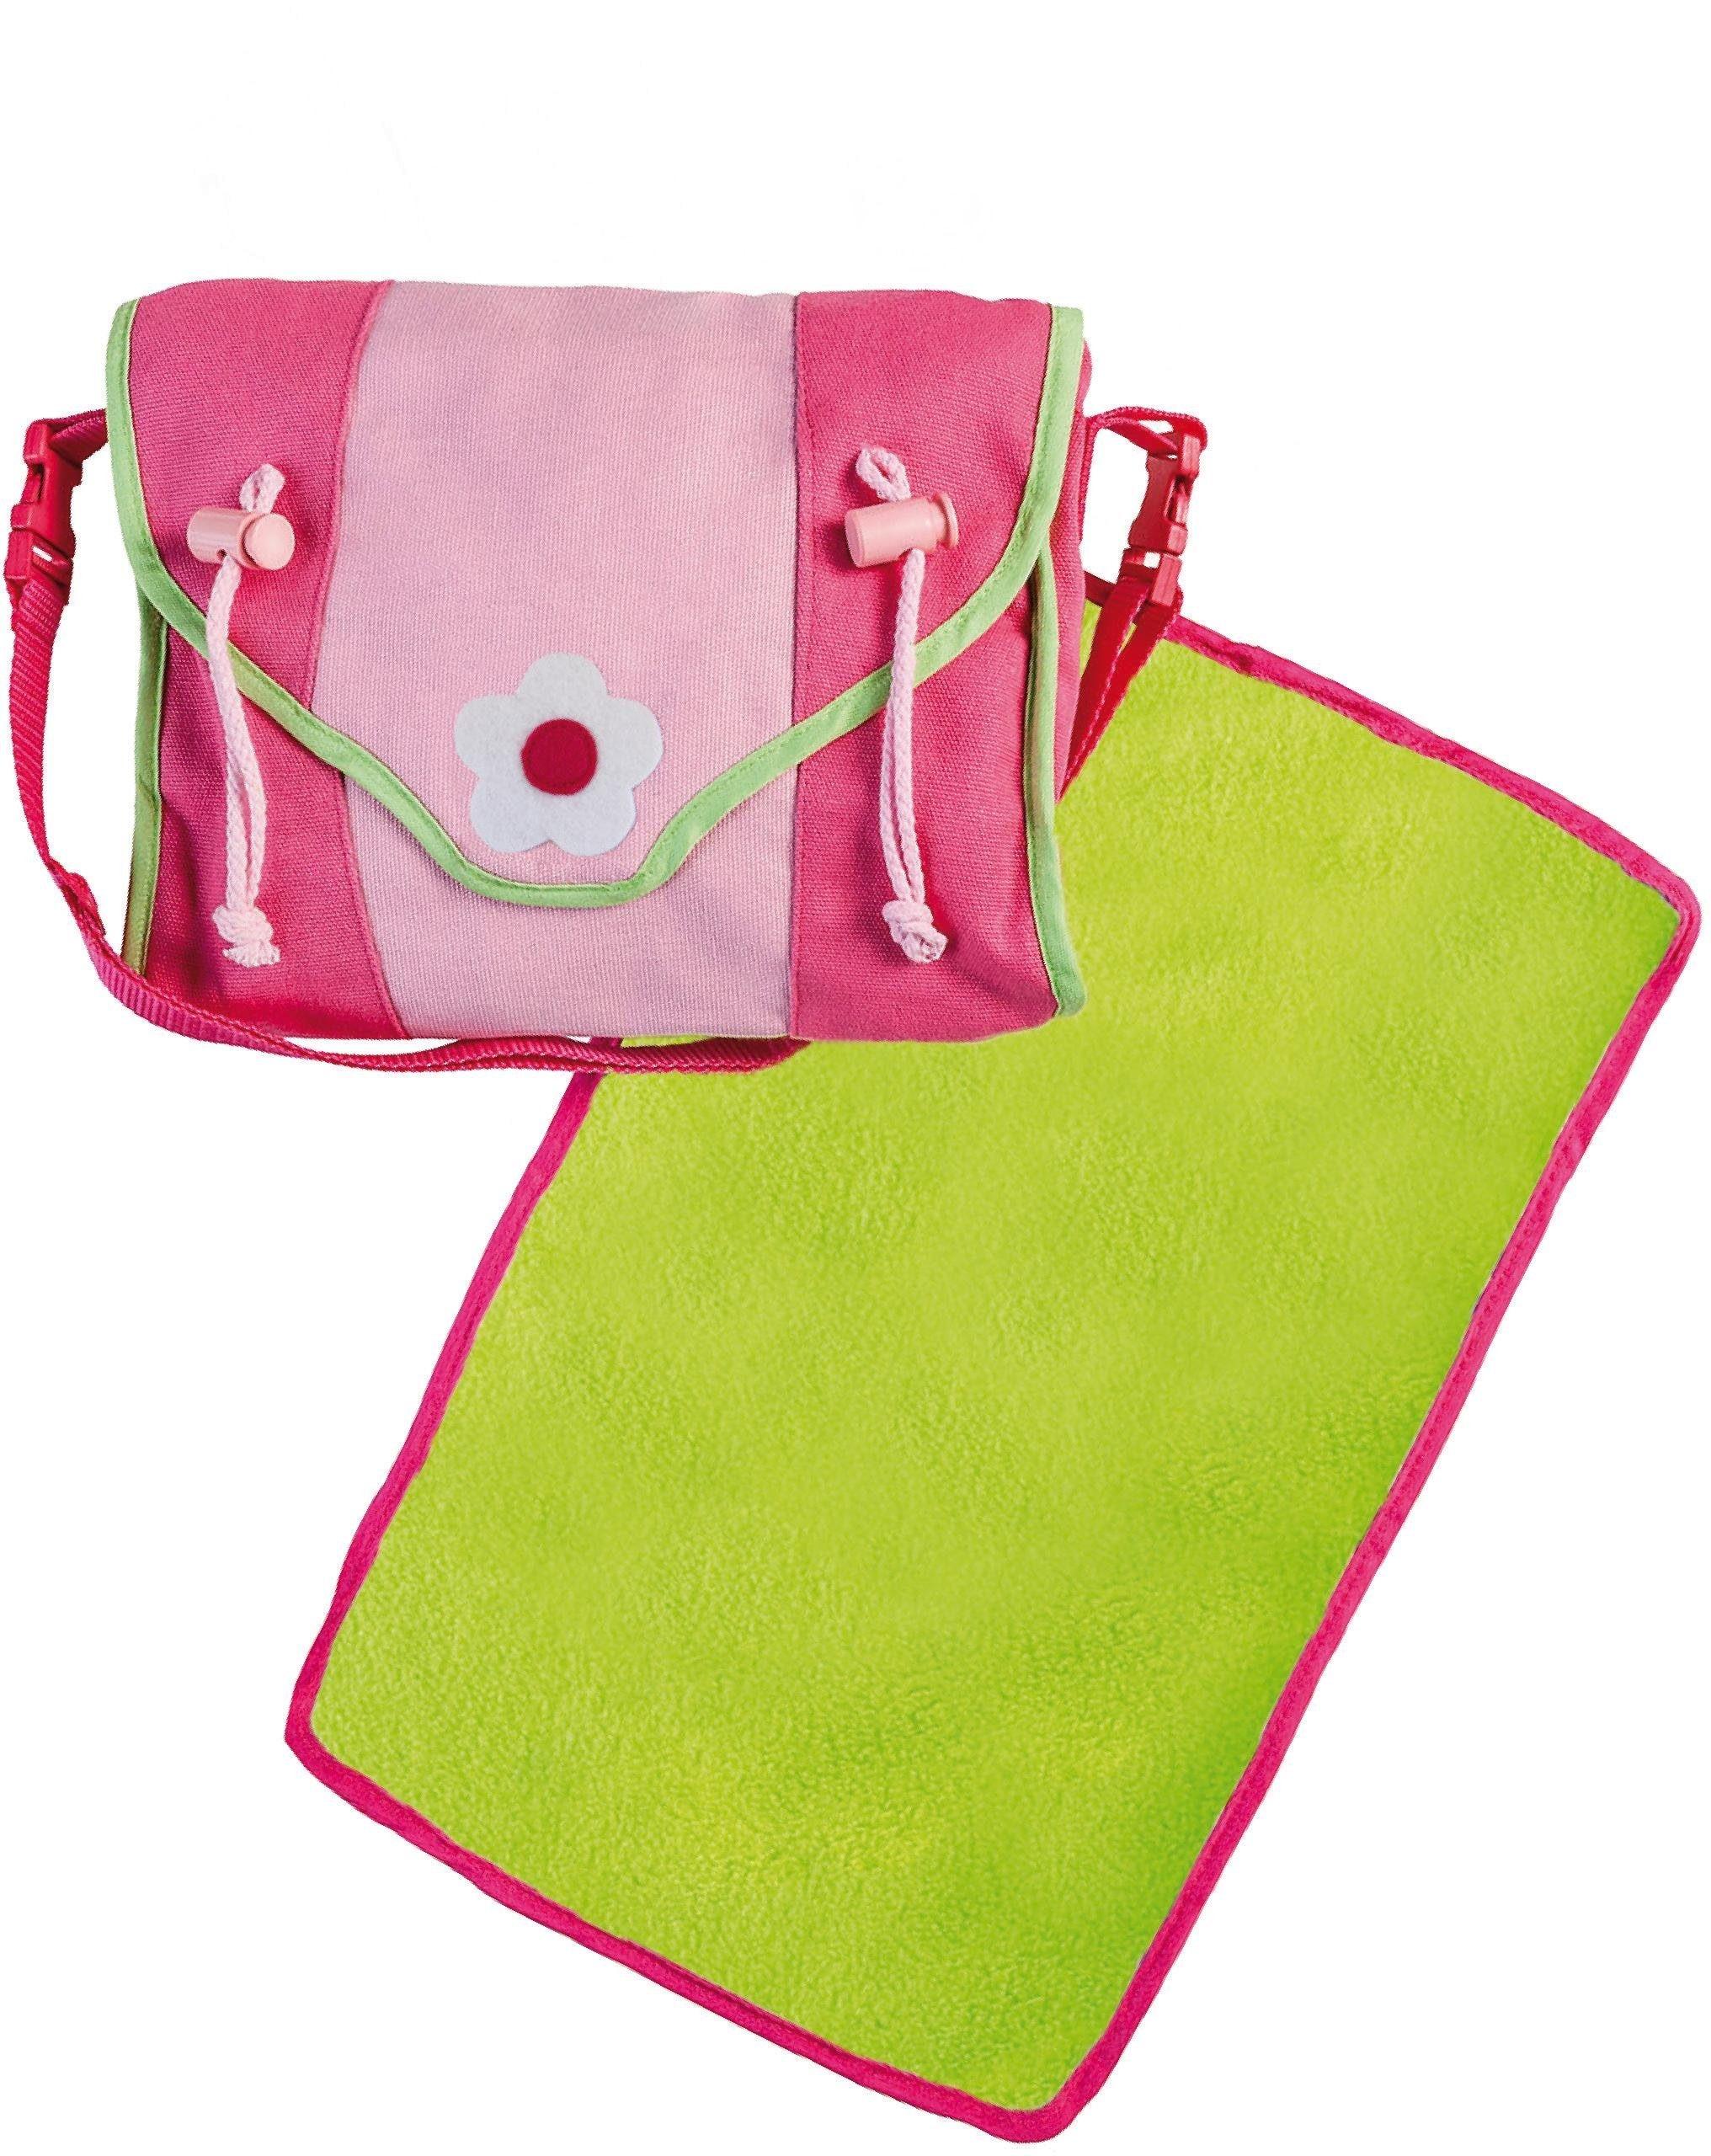 2 Farben Puppenschlafsack Schlafsack für Puppen 50 cm Heless Puppenkleidung